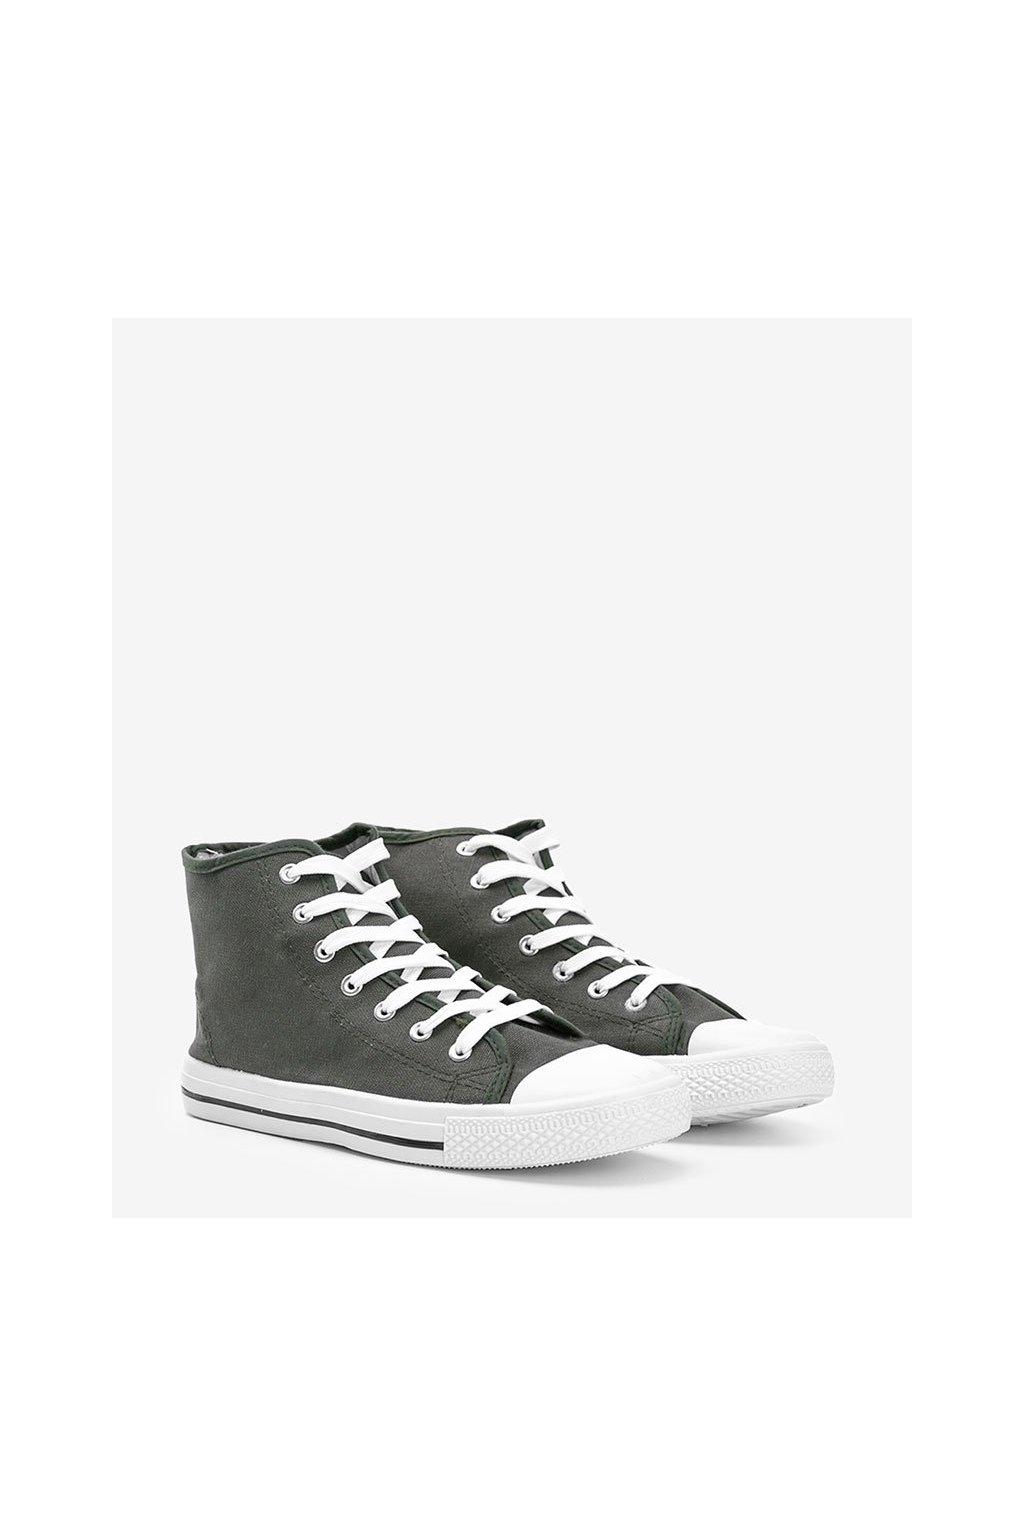 Pánske topánky tenisky zelené kód B082-M - GM